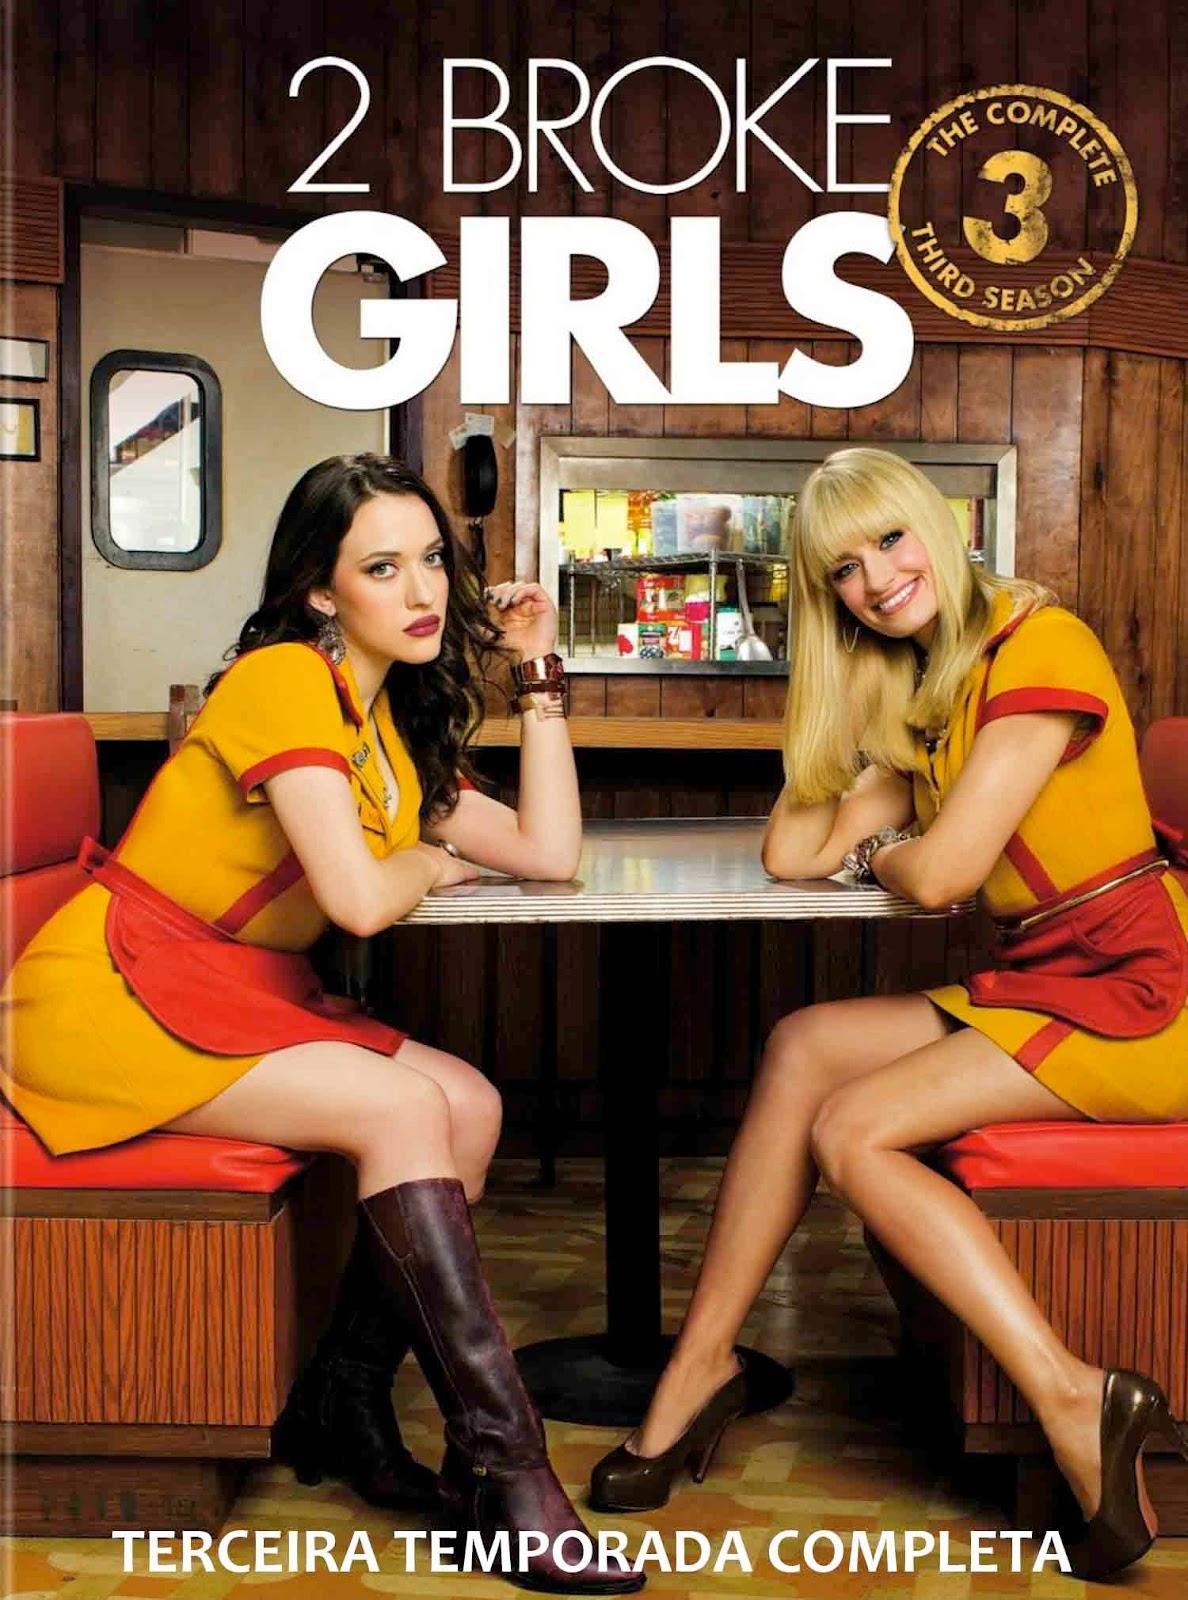 2 Broke Girls 3ª Temporada Torrent - BluRay 720p Dublado